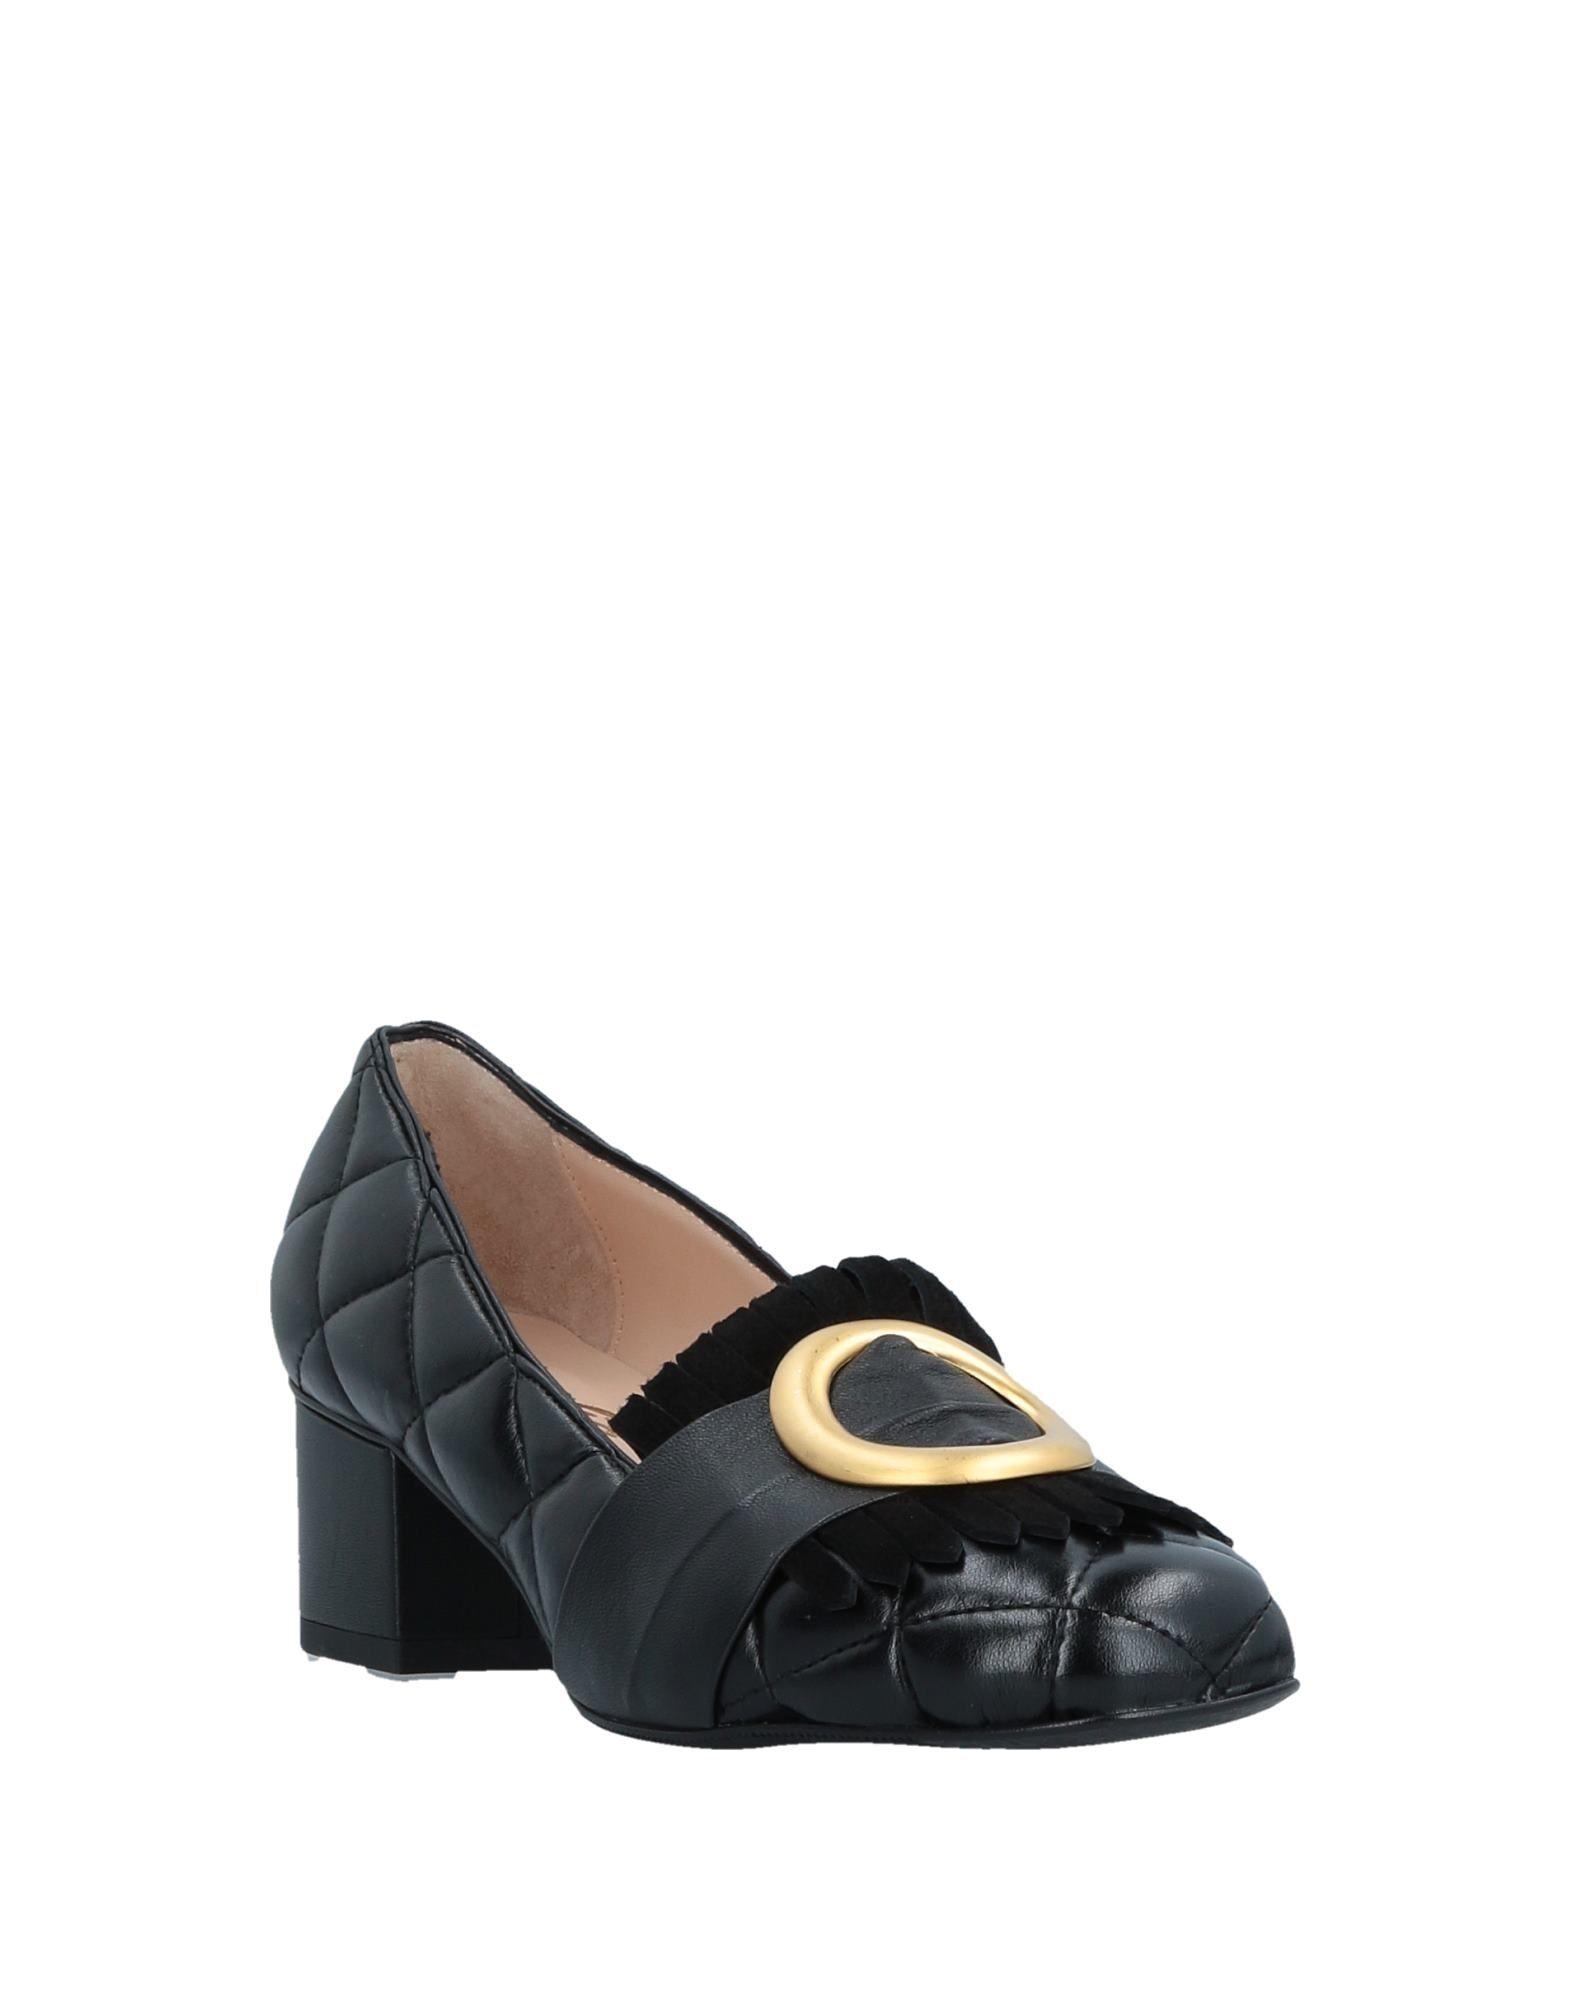 F.Lli Bruglia 11520437CSGut Mokassins Damen  11520437CSGut Bruglia aussehende strapazierfähige Schuhe ceb04c